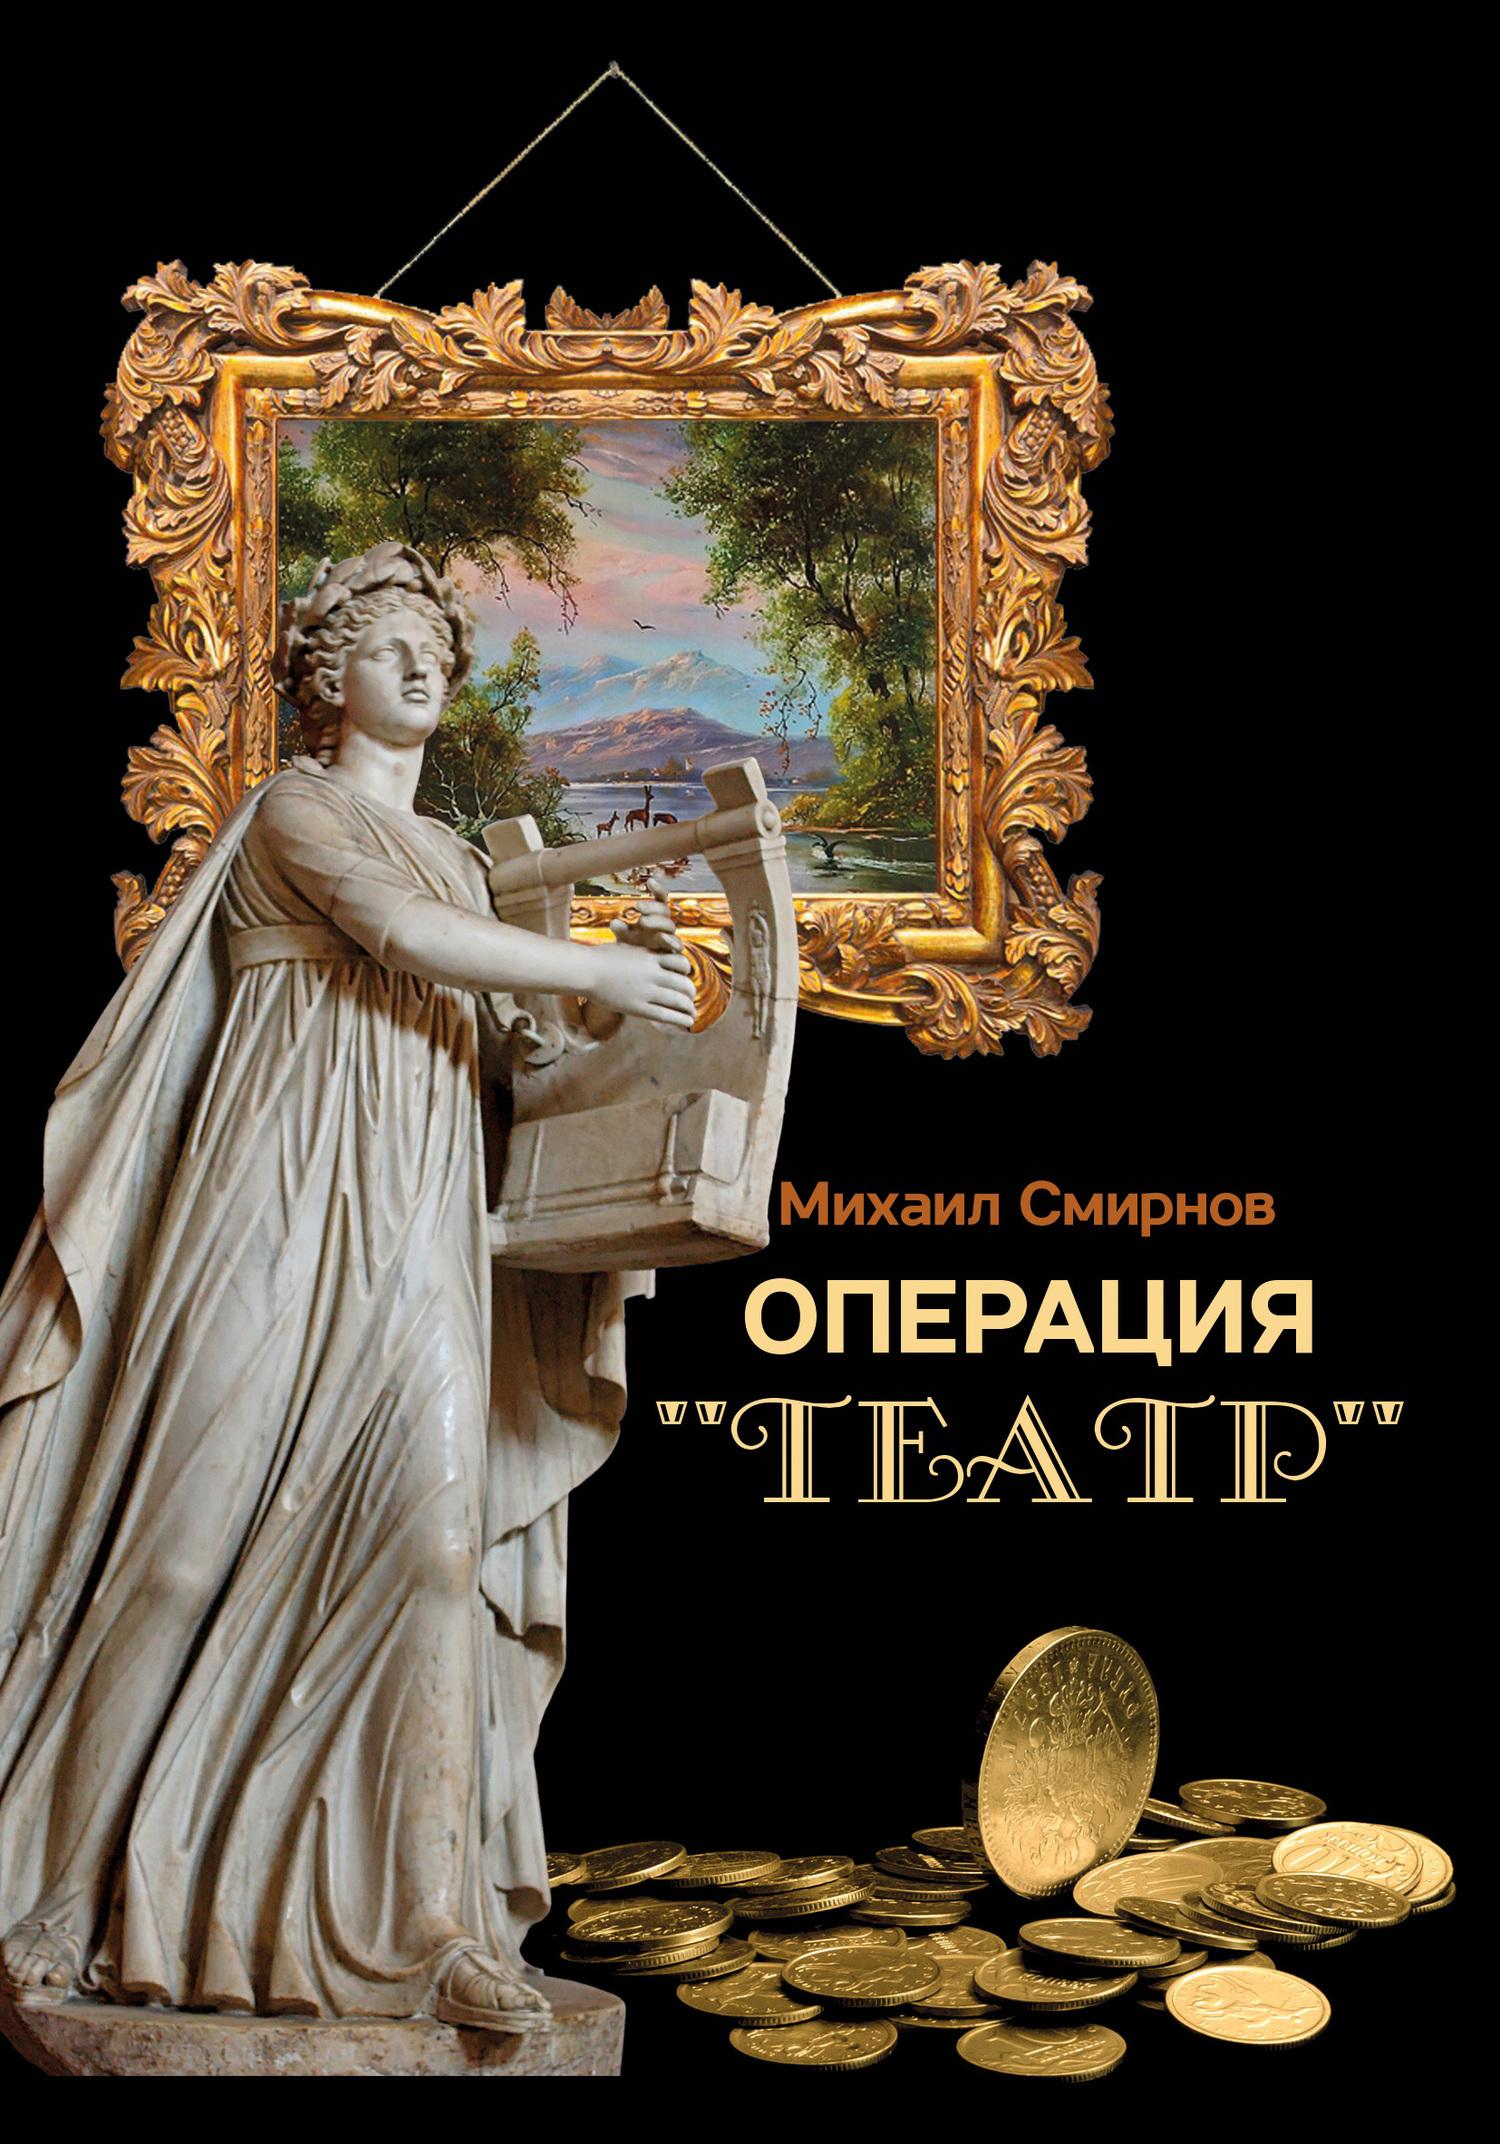 Мхал Смрнов «Театр» (сборнк)